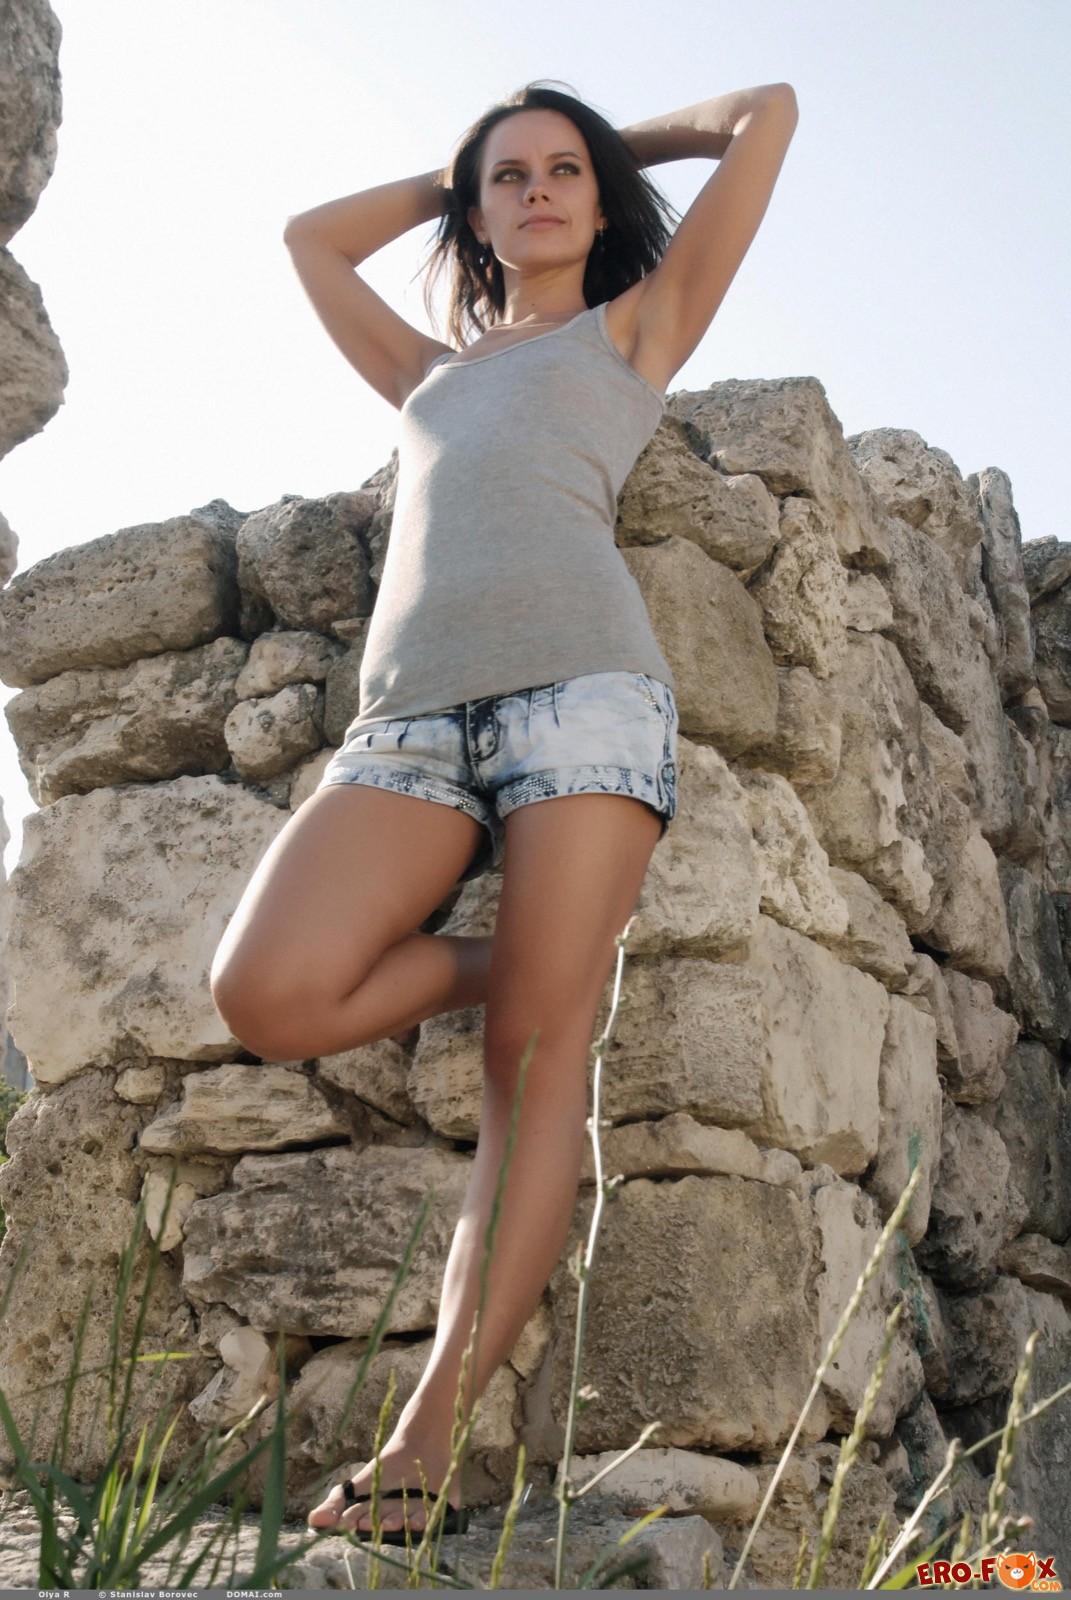 Девушка с волосатым лобком сняла шортики на природе